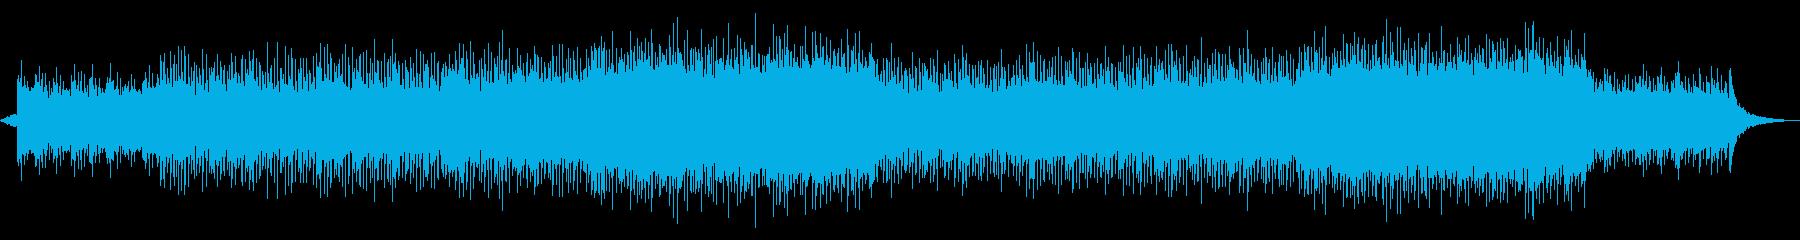 企業映像 未来CM 高揚感オーケストラの再生済みの波形